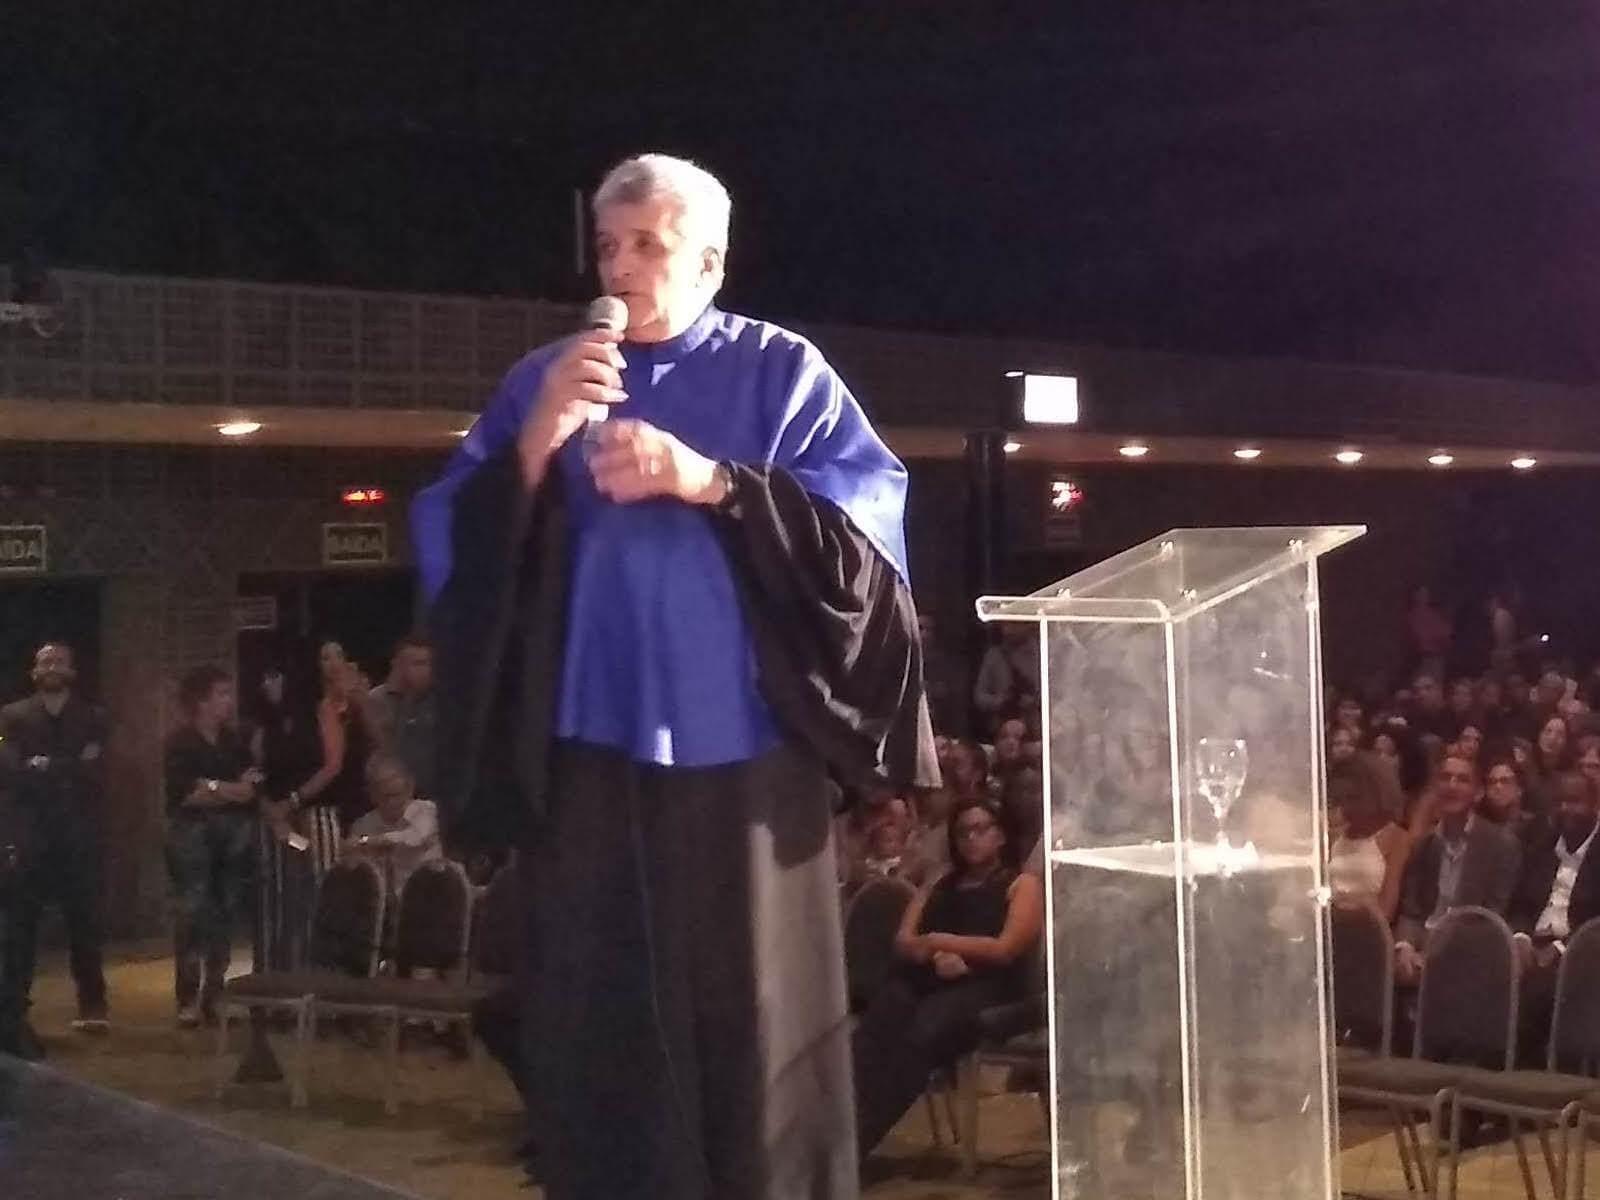 O Prof. M.Sc. Eng. Antonio Carlos da Fonseca Sarquis, representando todos os Professores Homenageados, fez o discurso com muita emoção e muito carinho aos Formandos.